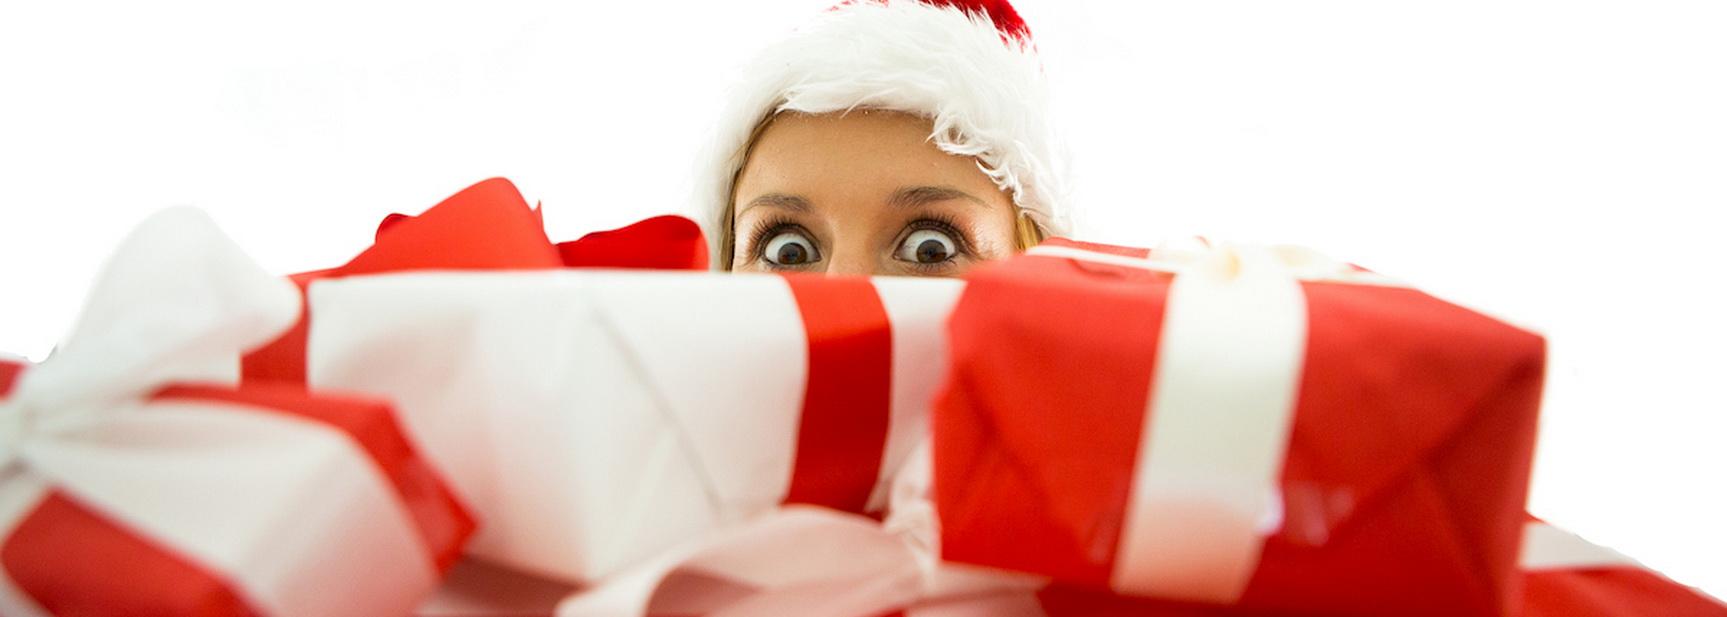 První vánoční dárky